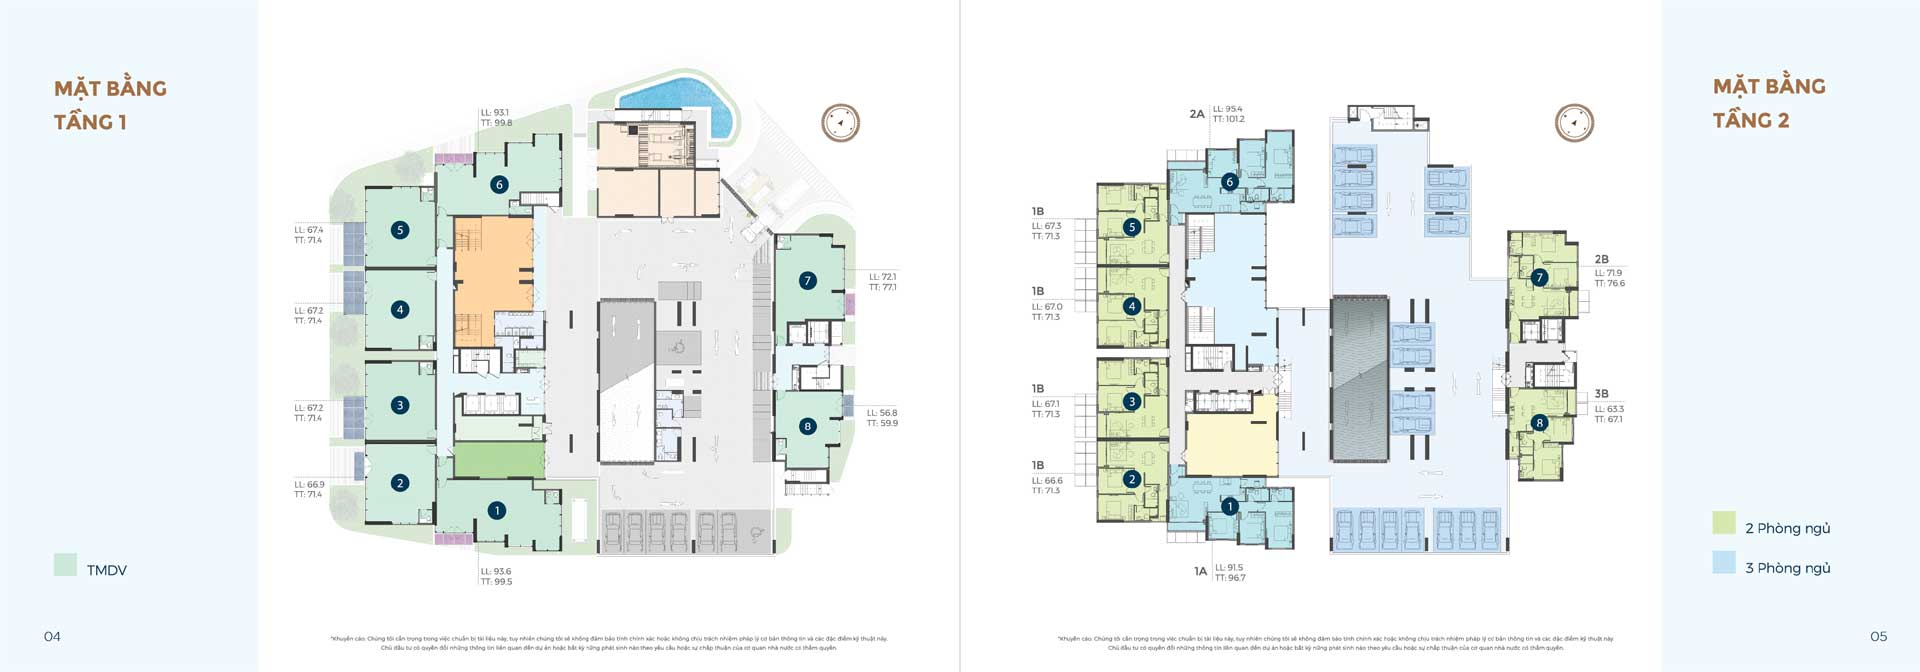 mặt bằng tầng 1 và 2 căn hộ Precia Quận 2